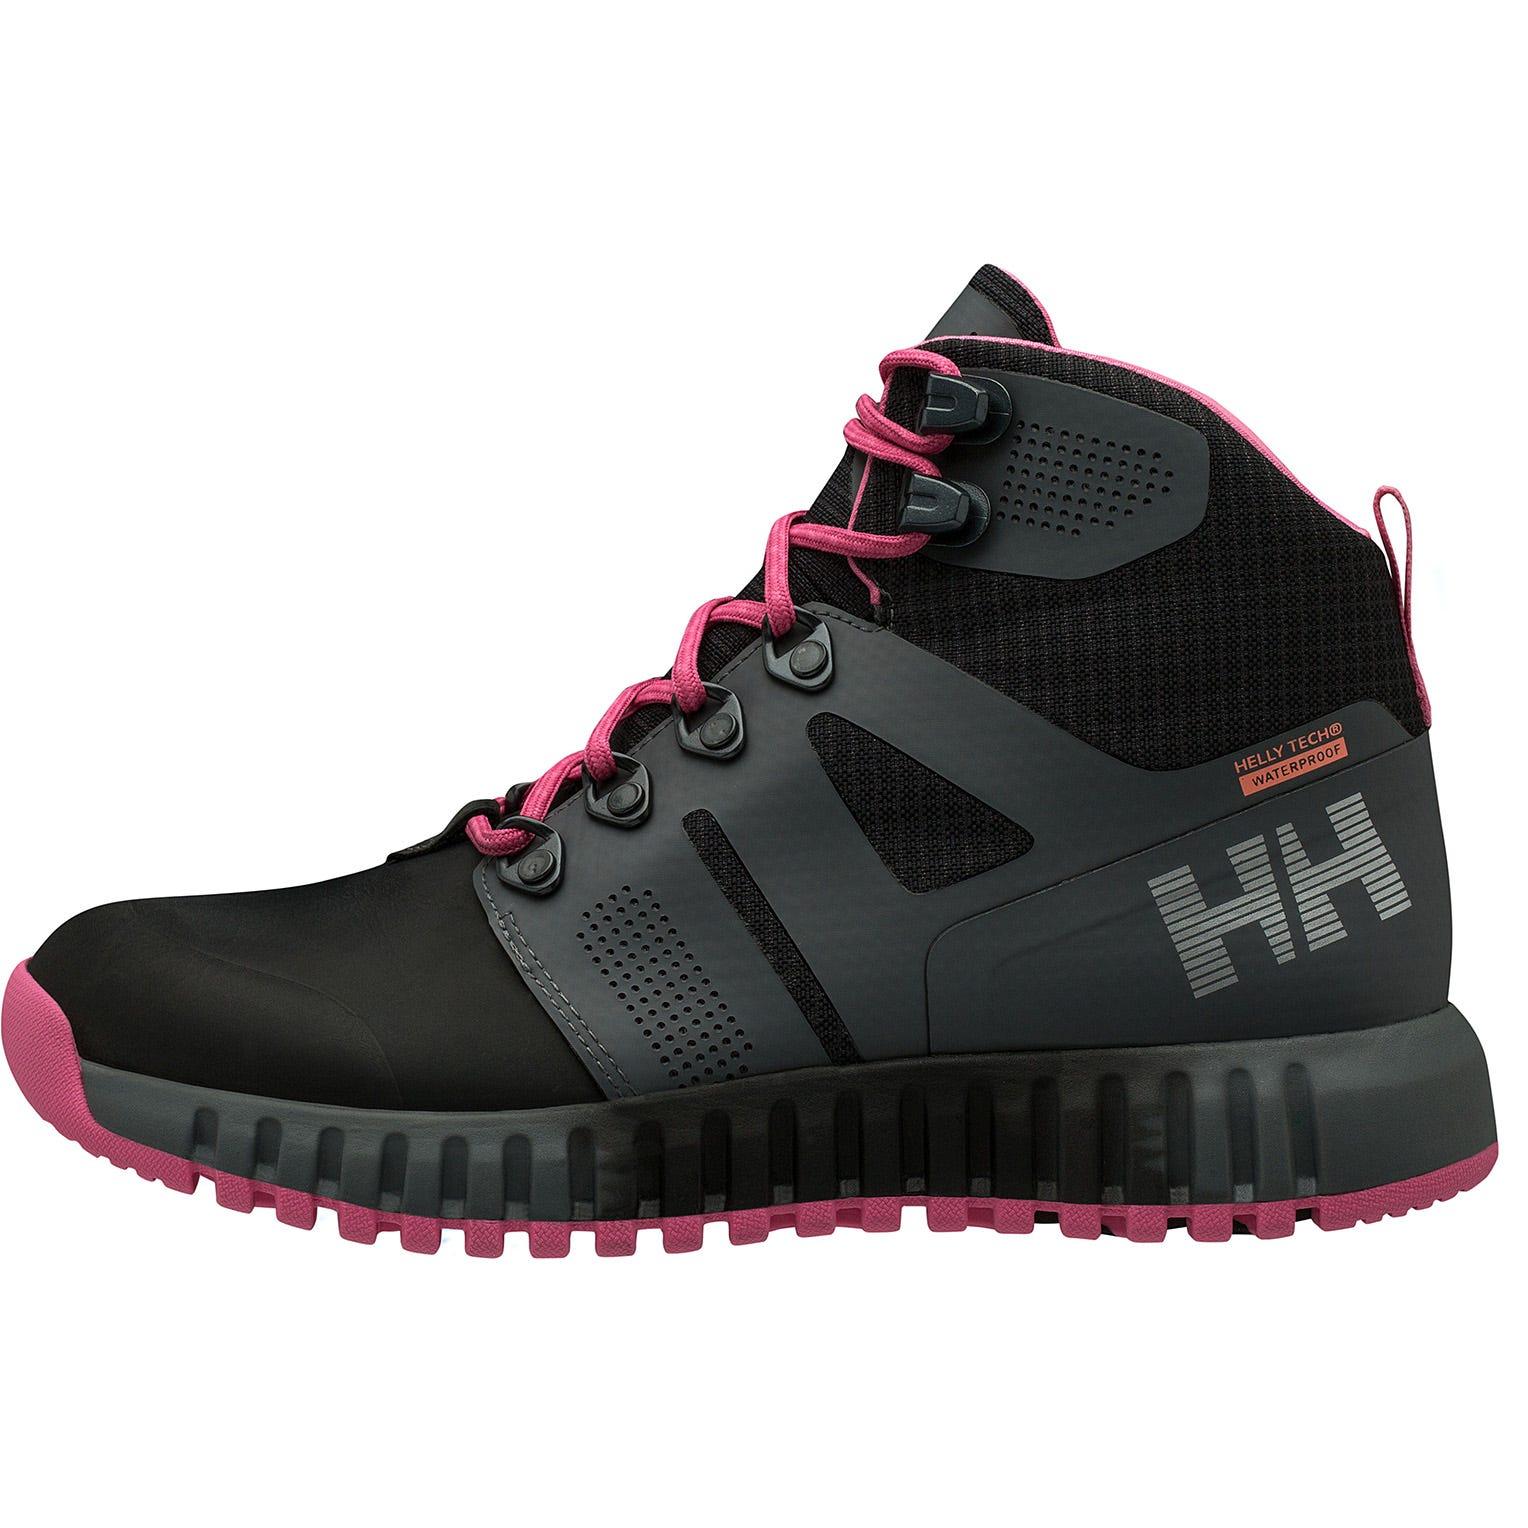 Helly Hansen W Vanir Gallivant Ht Womens Hiking Boot Black 40/8.5